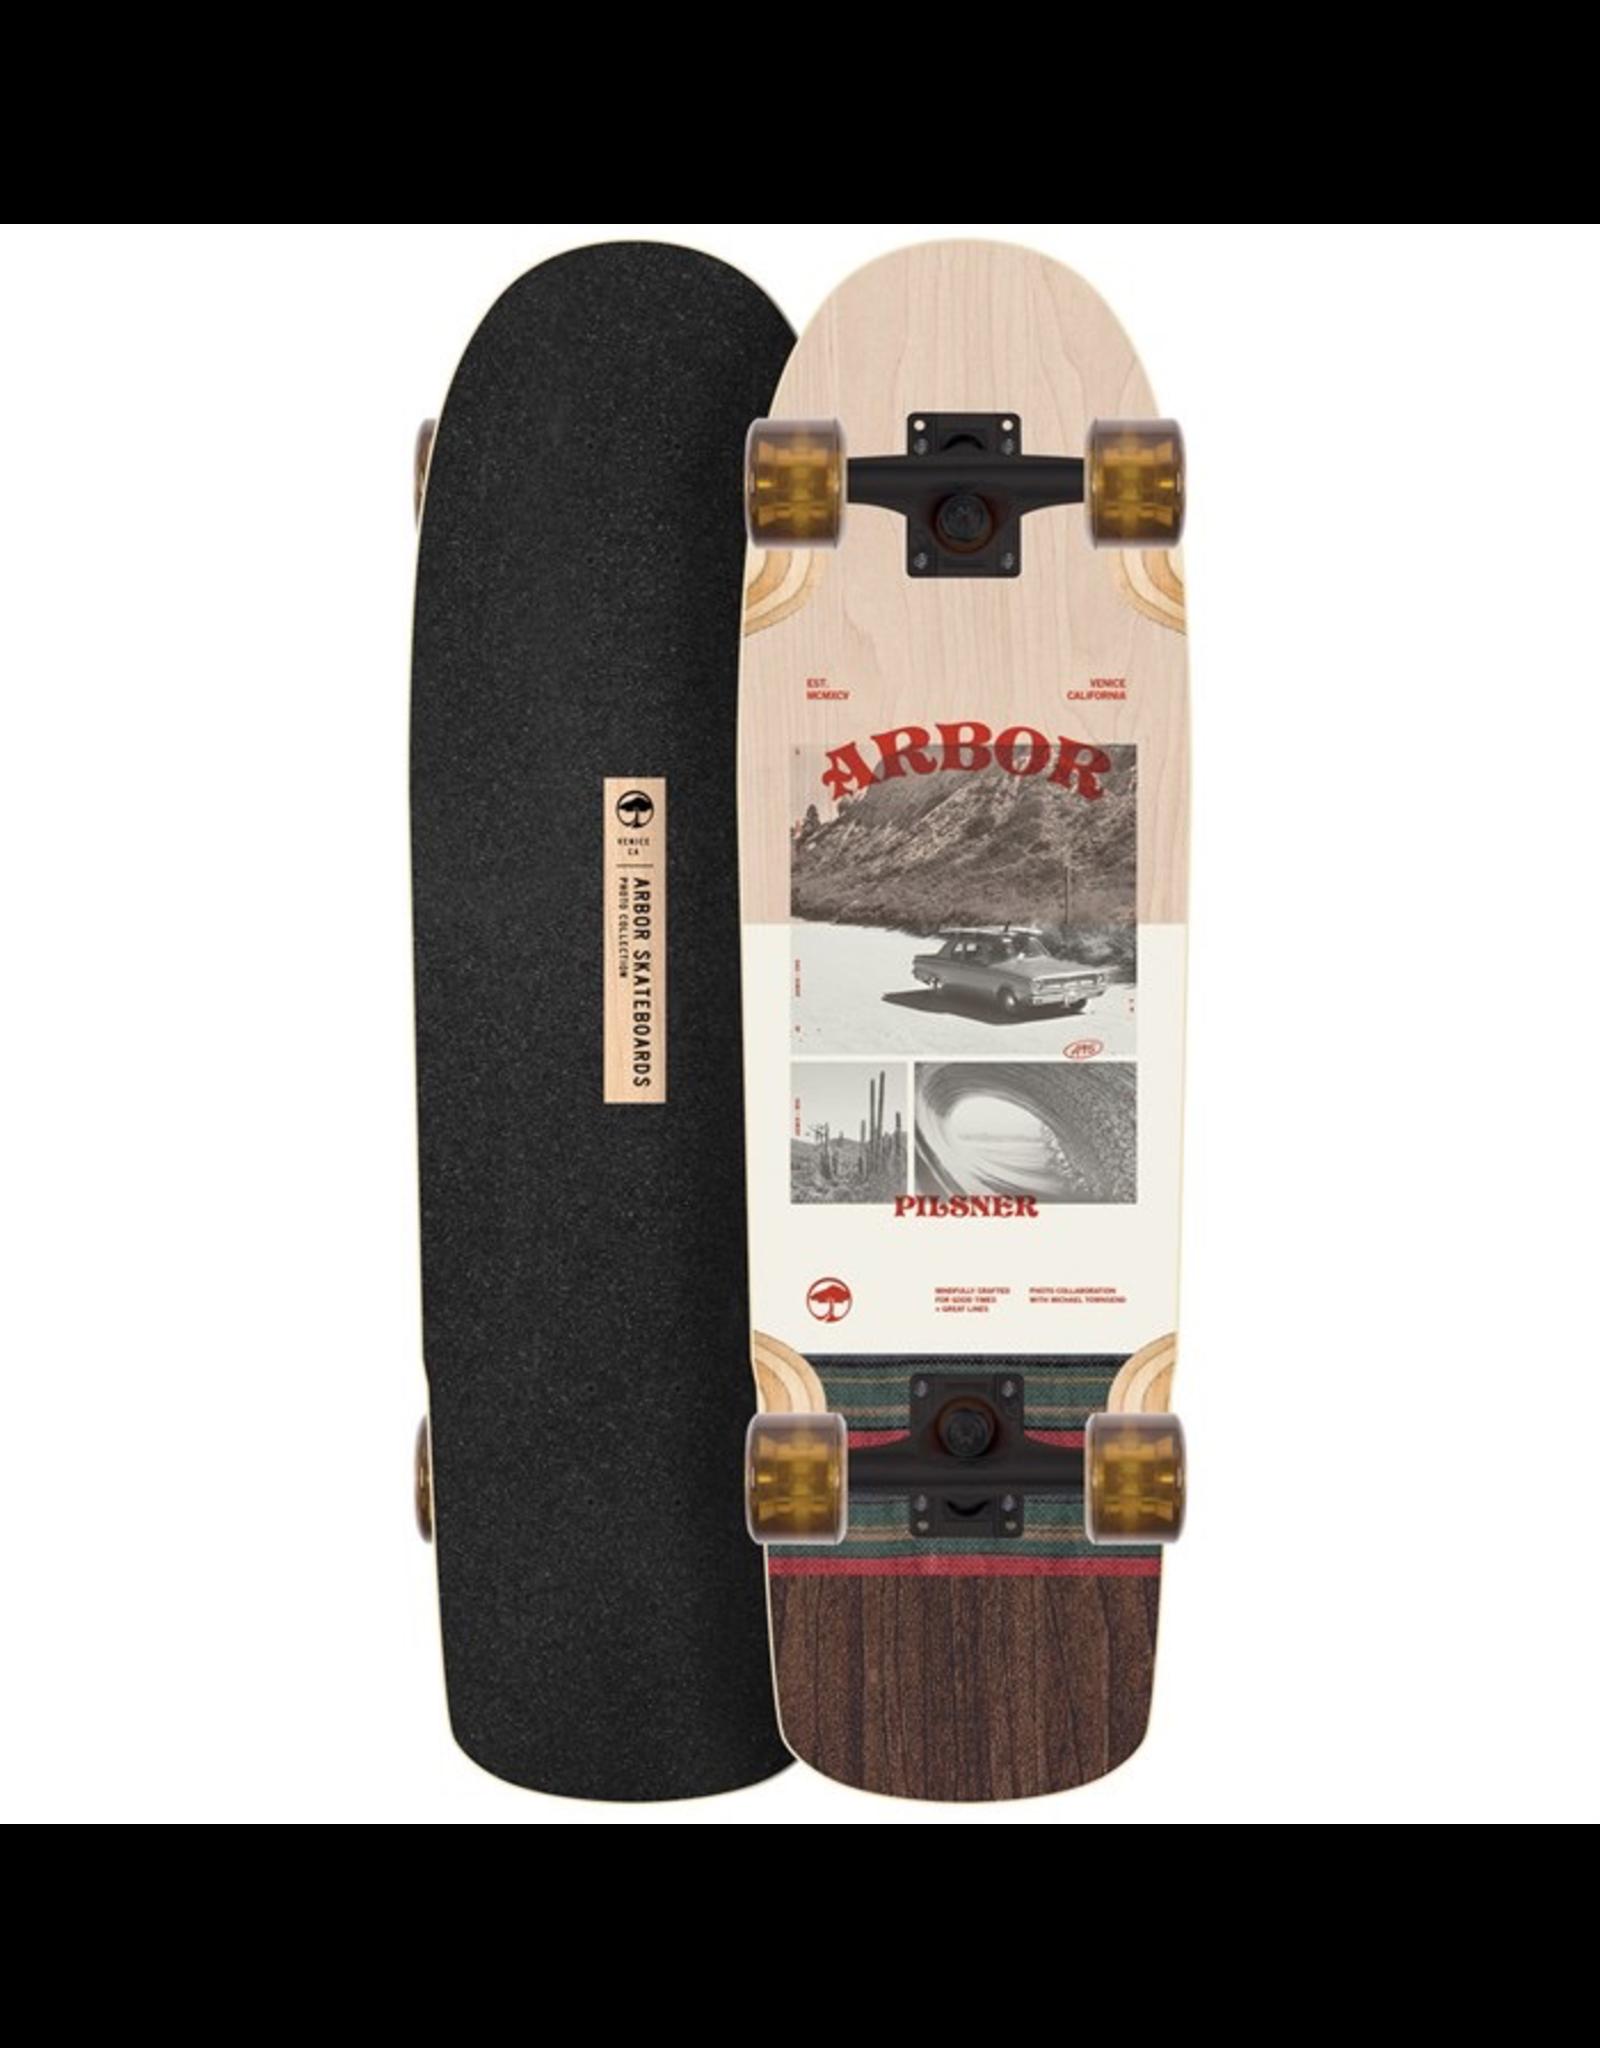 ARBOR Arbor Pilsner Photo Cruiser Skateboard Complete